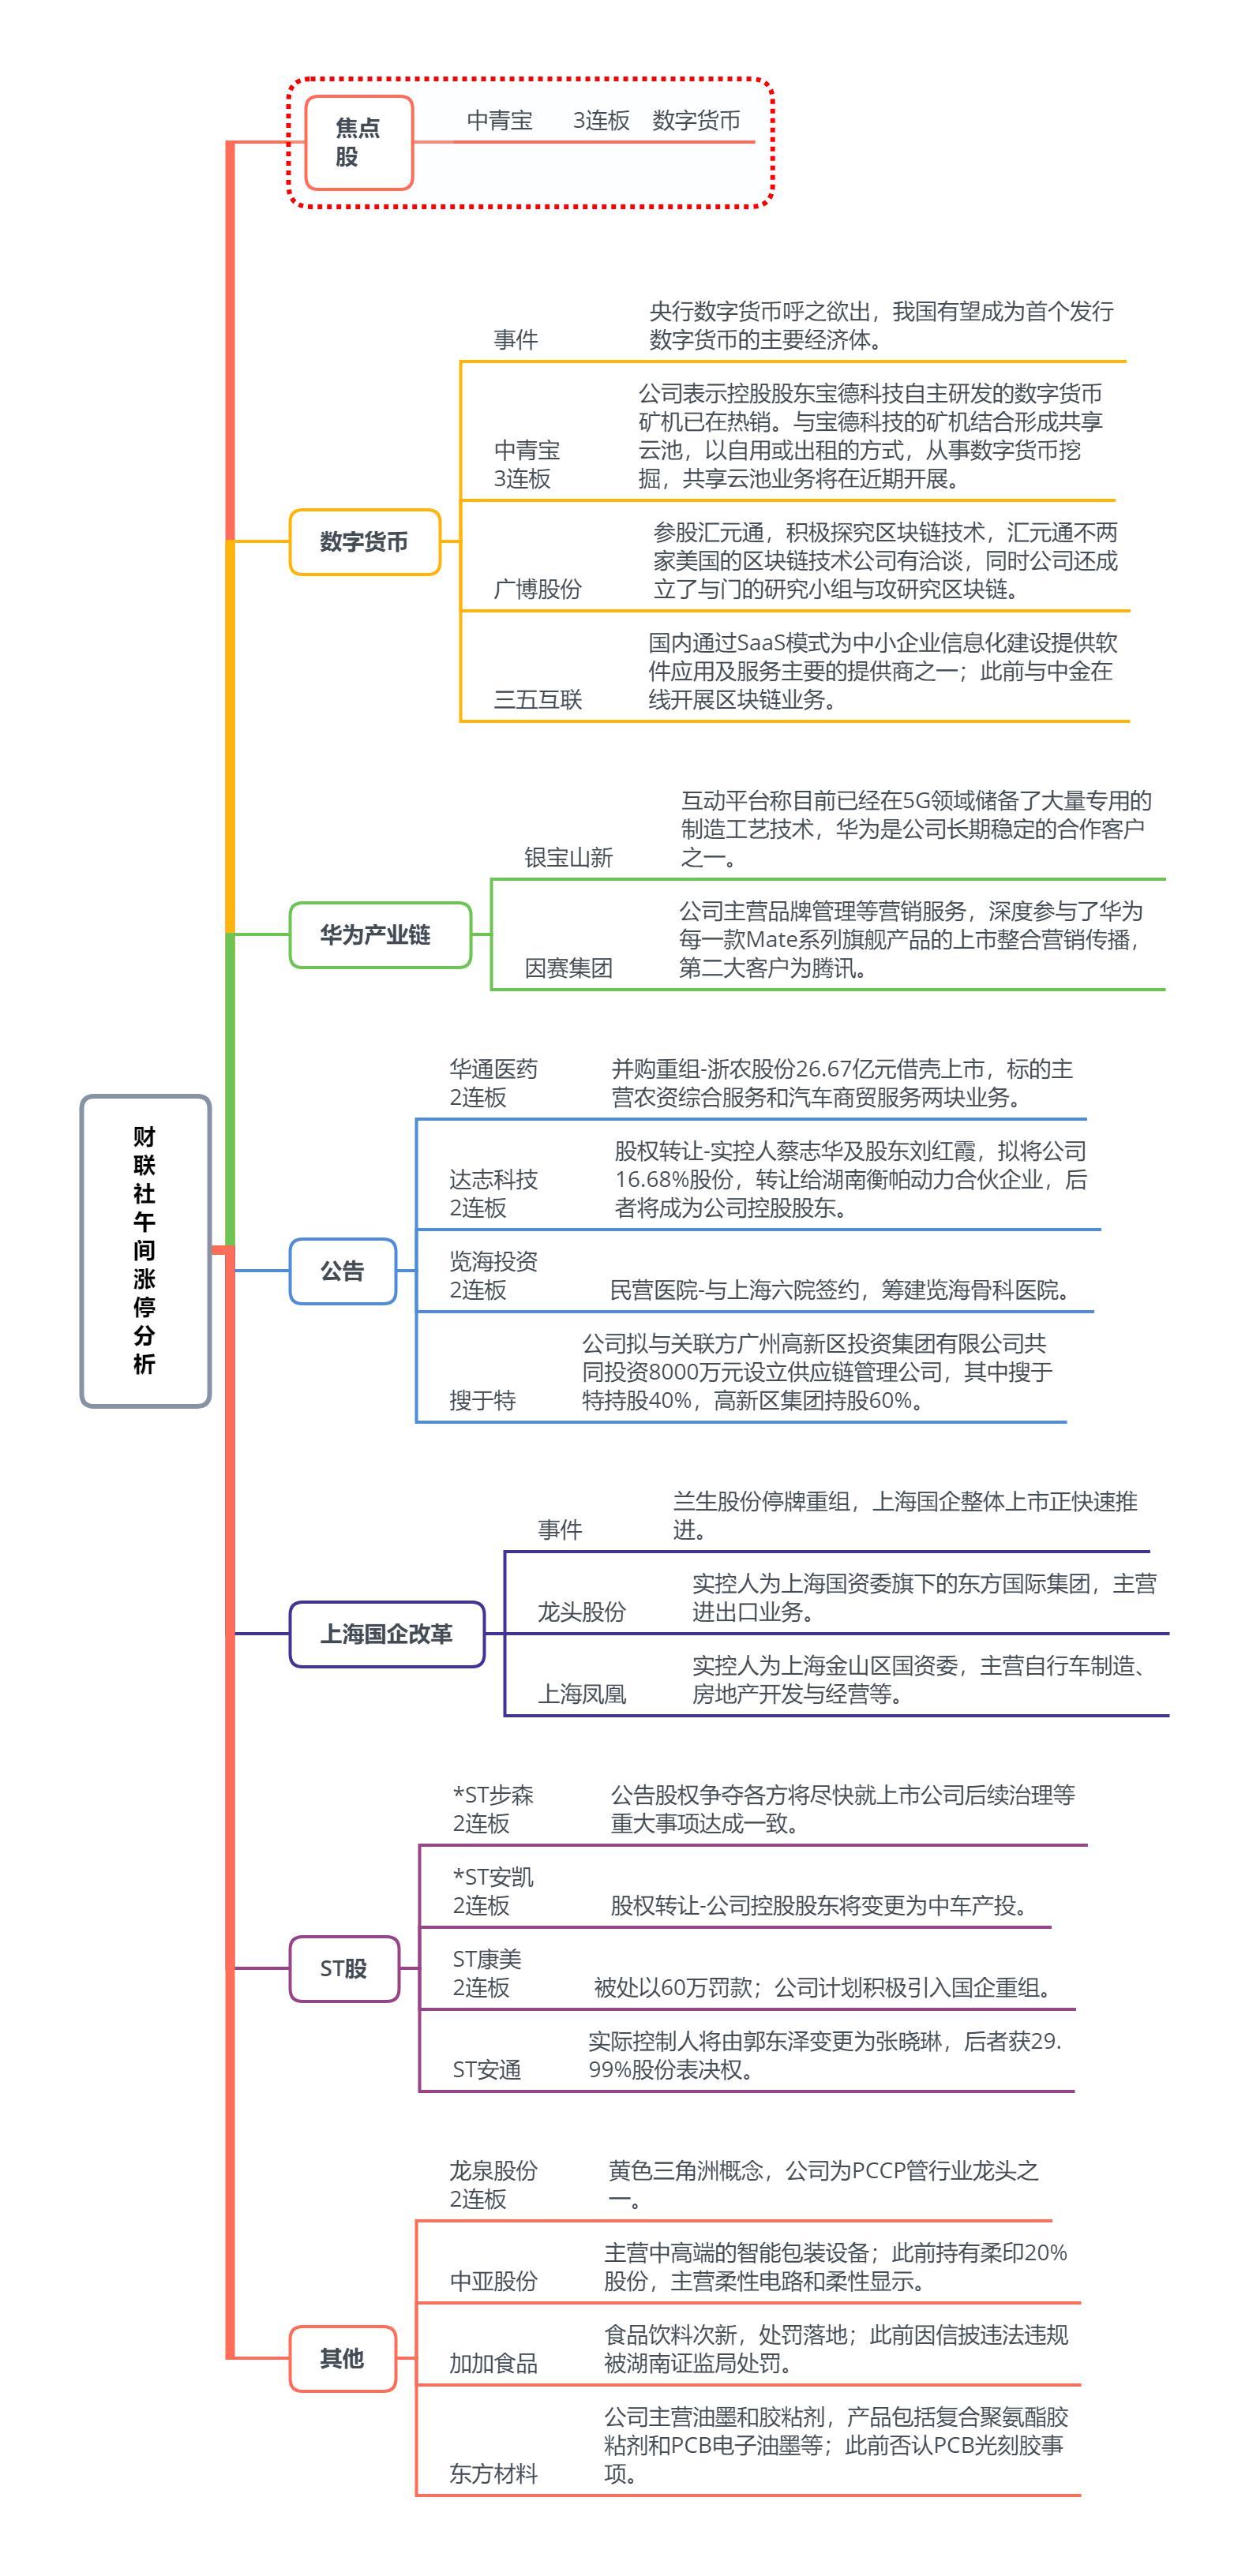 【财联社午报】两市弱势反弹 大消费板块成先锋